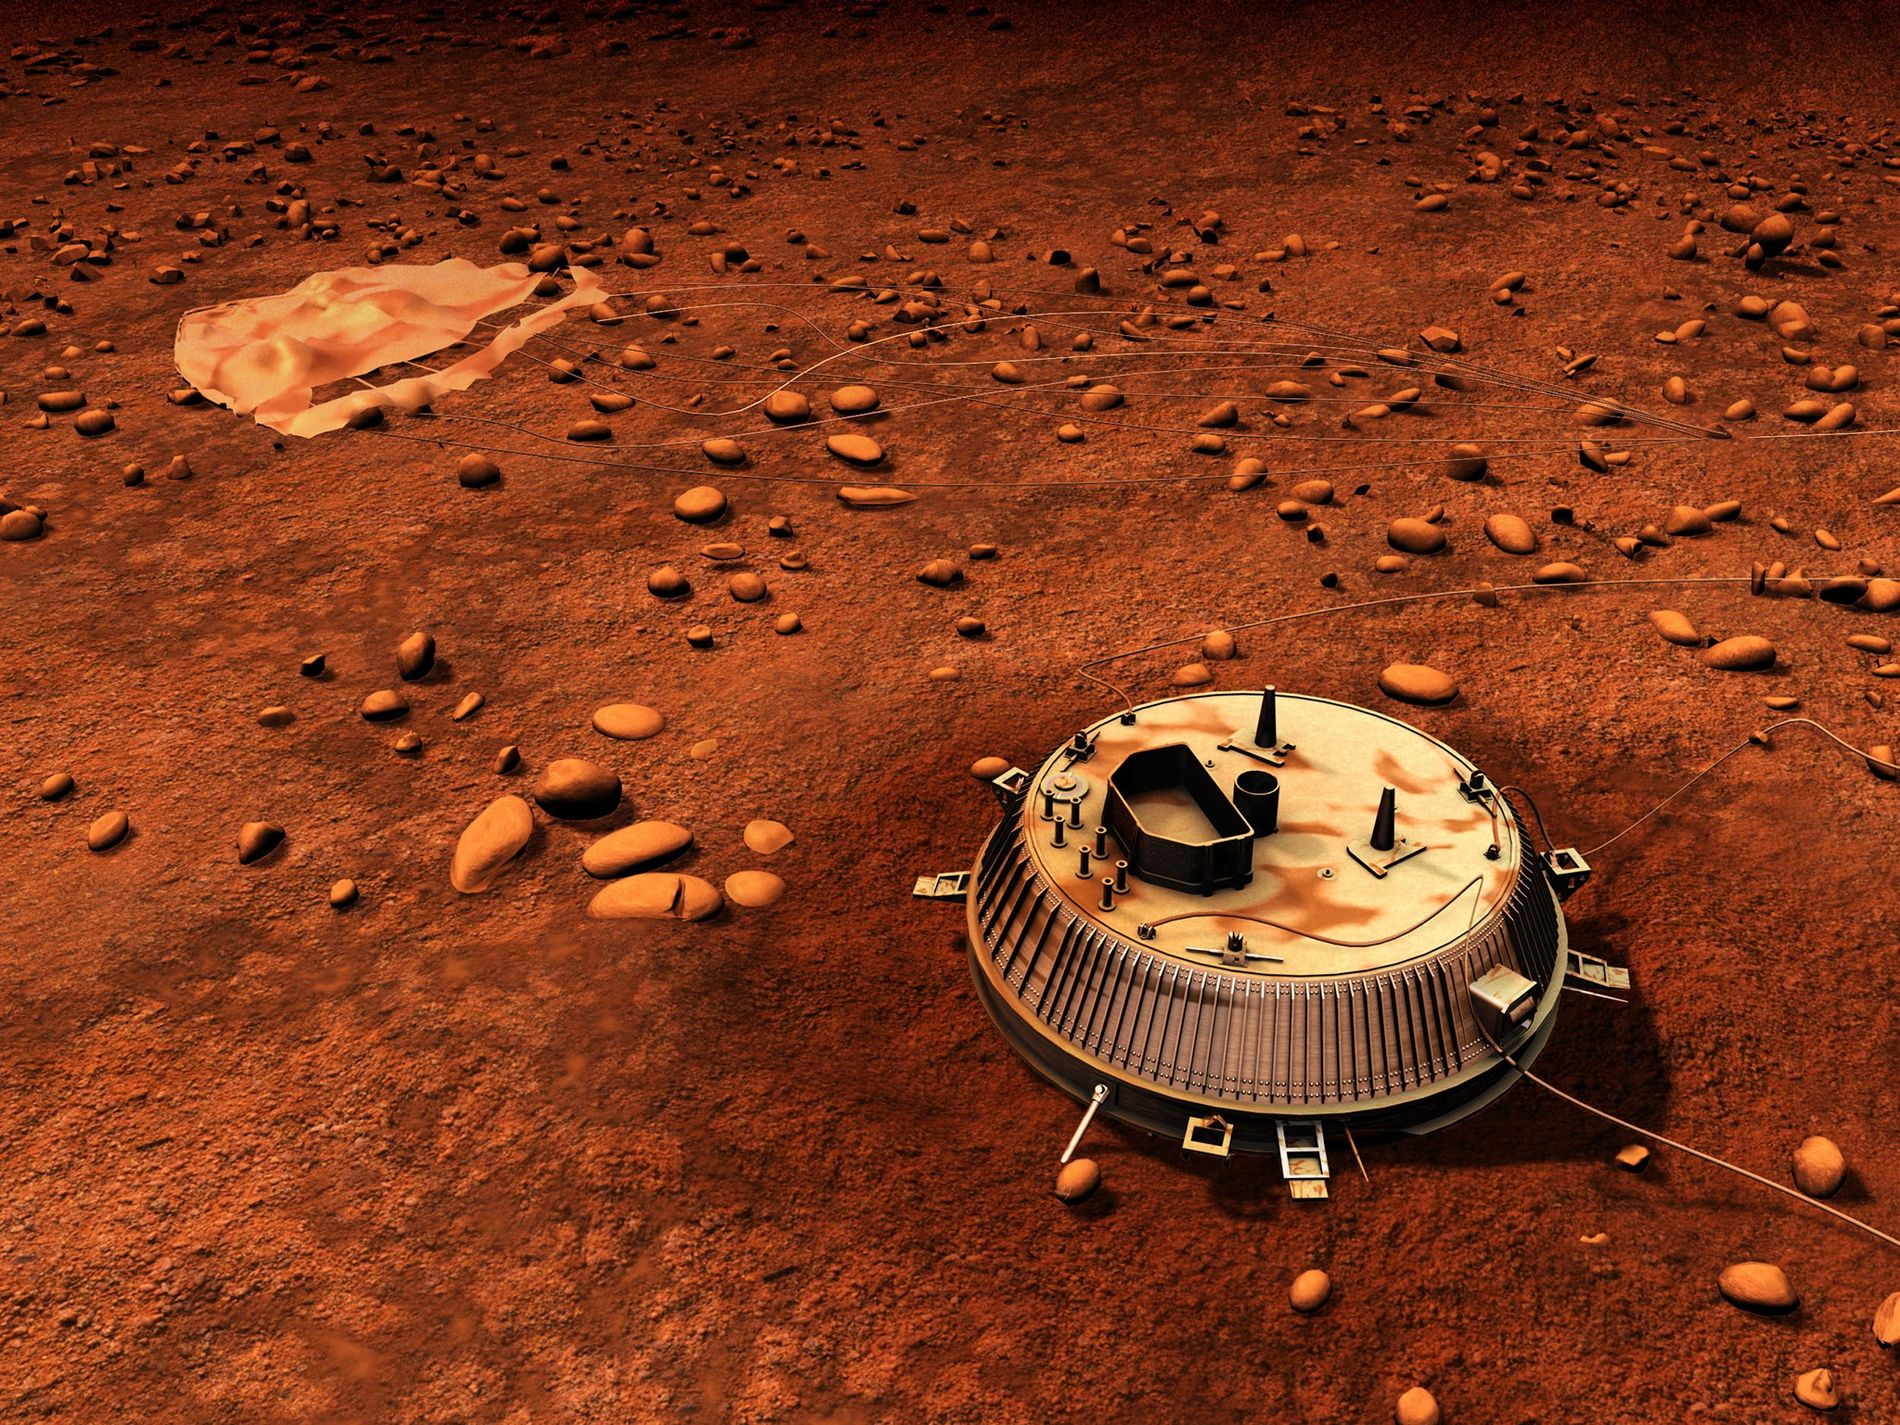 Cette vue d'artiste représente le site d'atterrissage de la sonde Huygens sur Titan, le plus grand ...